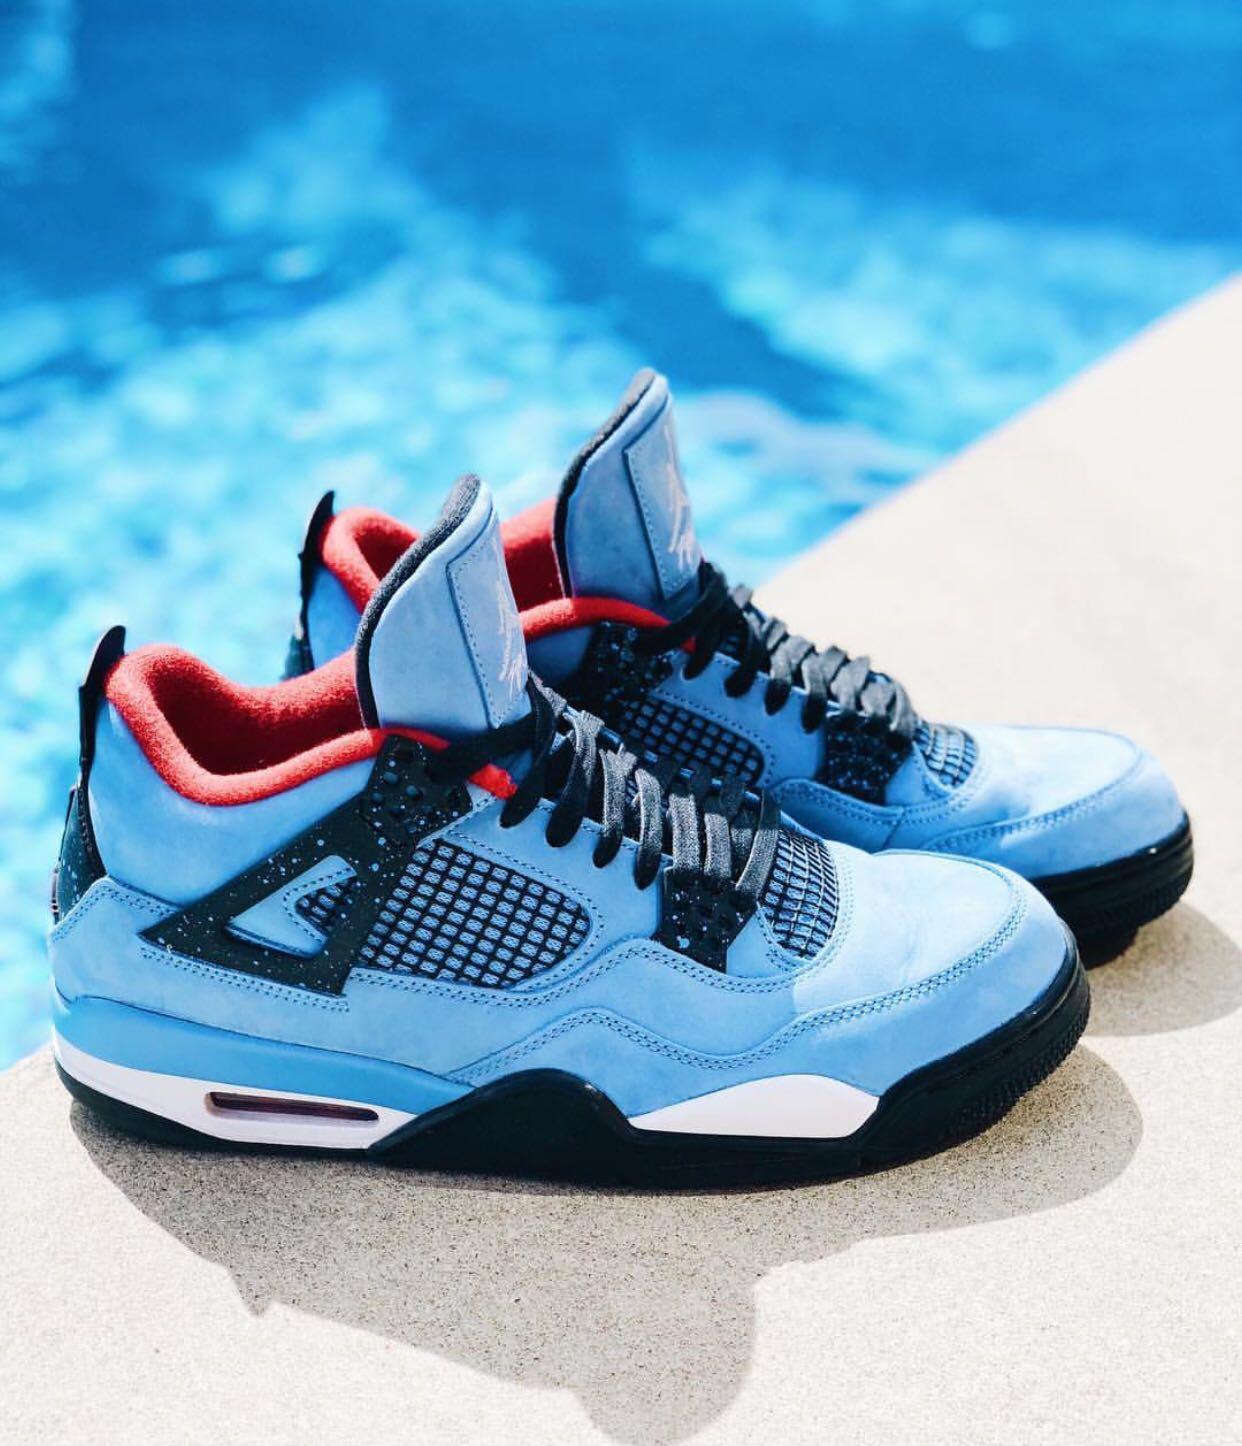 low priced 26156 6c2df Nike Air Jordan 4 Retro x Travis Scott Cactus Jack, Men's ...